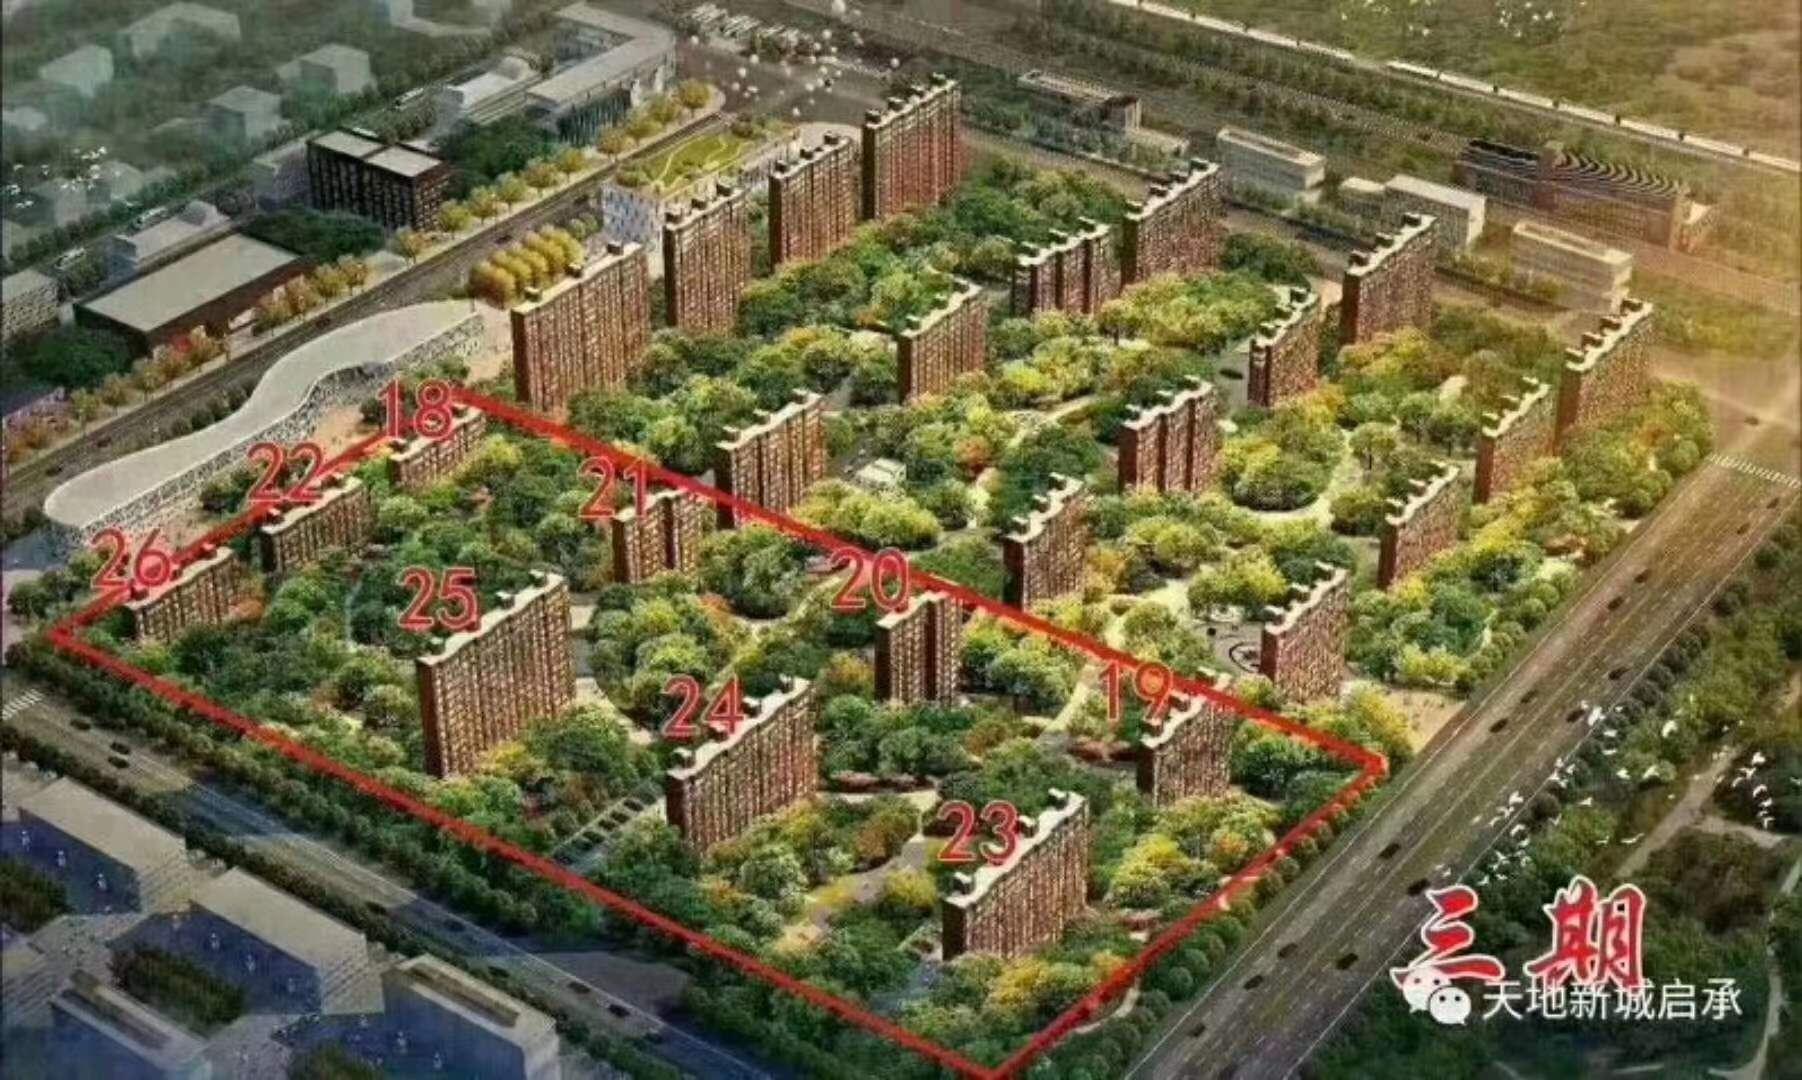 涿州高铁东站旁天地新城楼盘规划沙盘